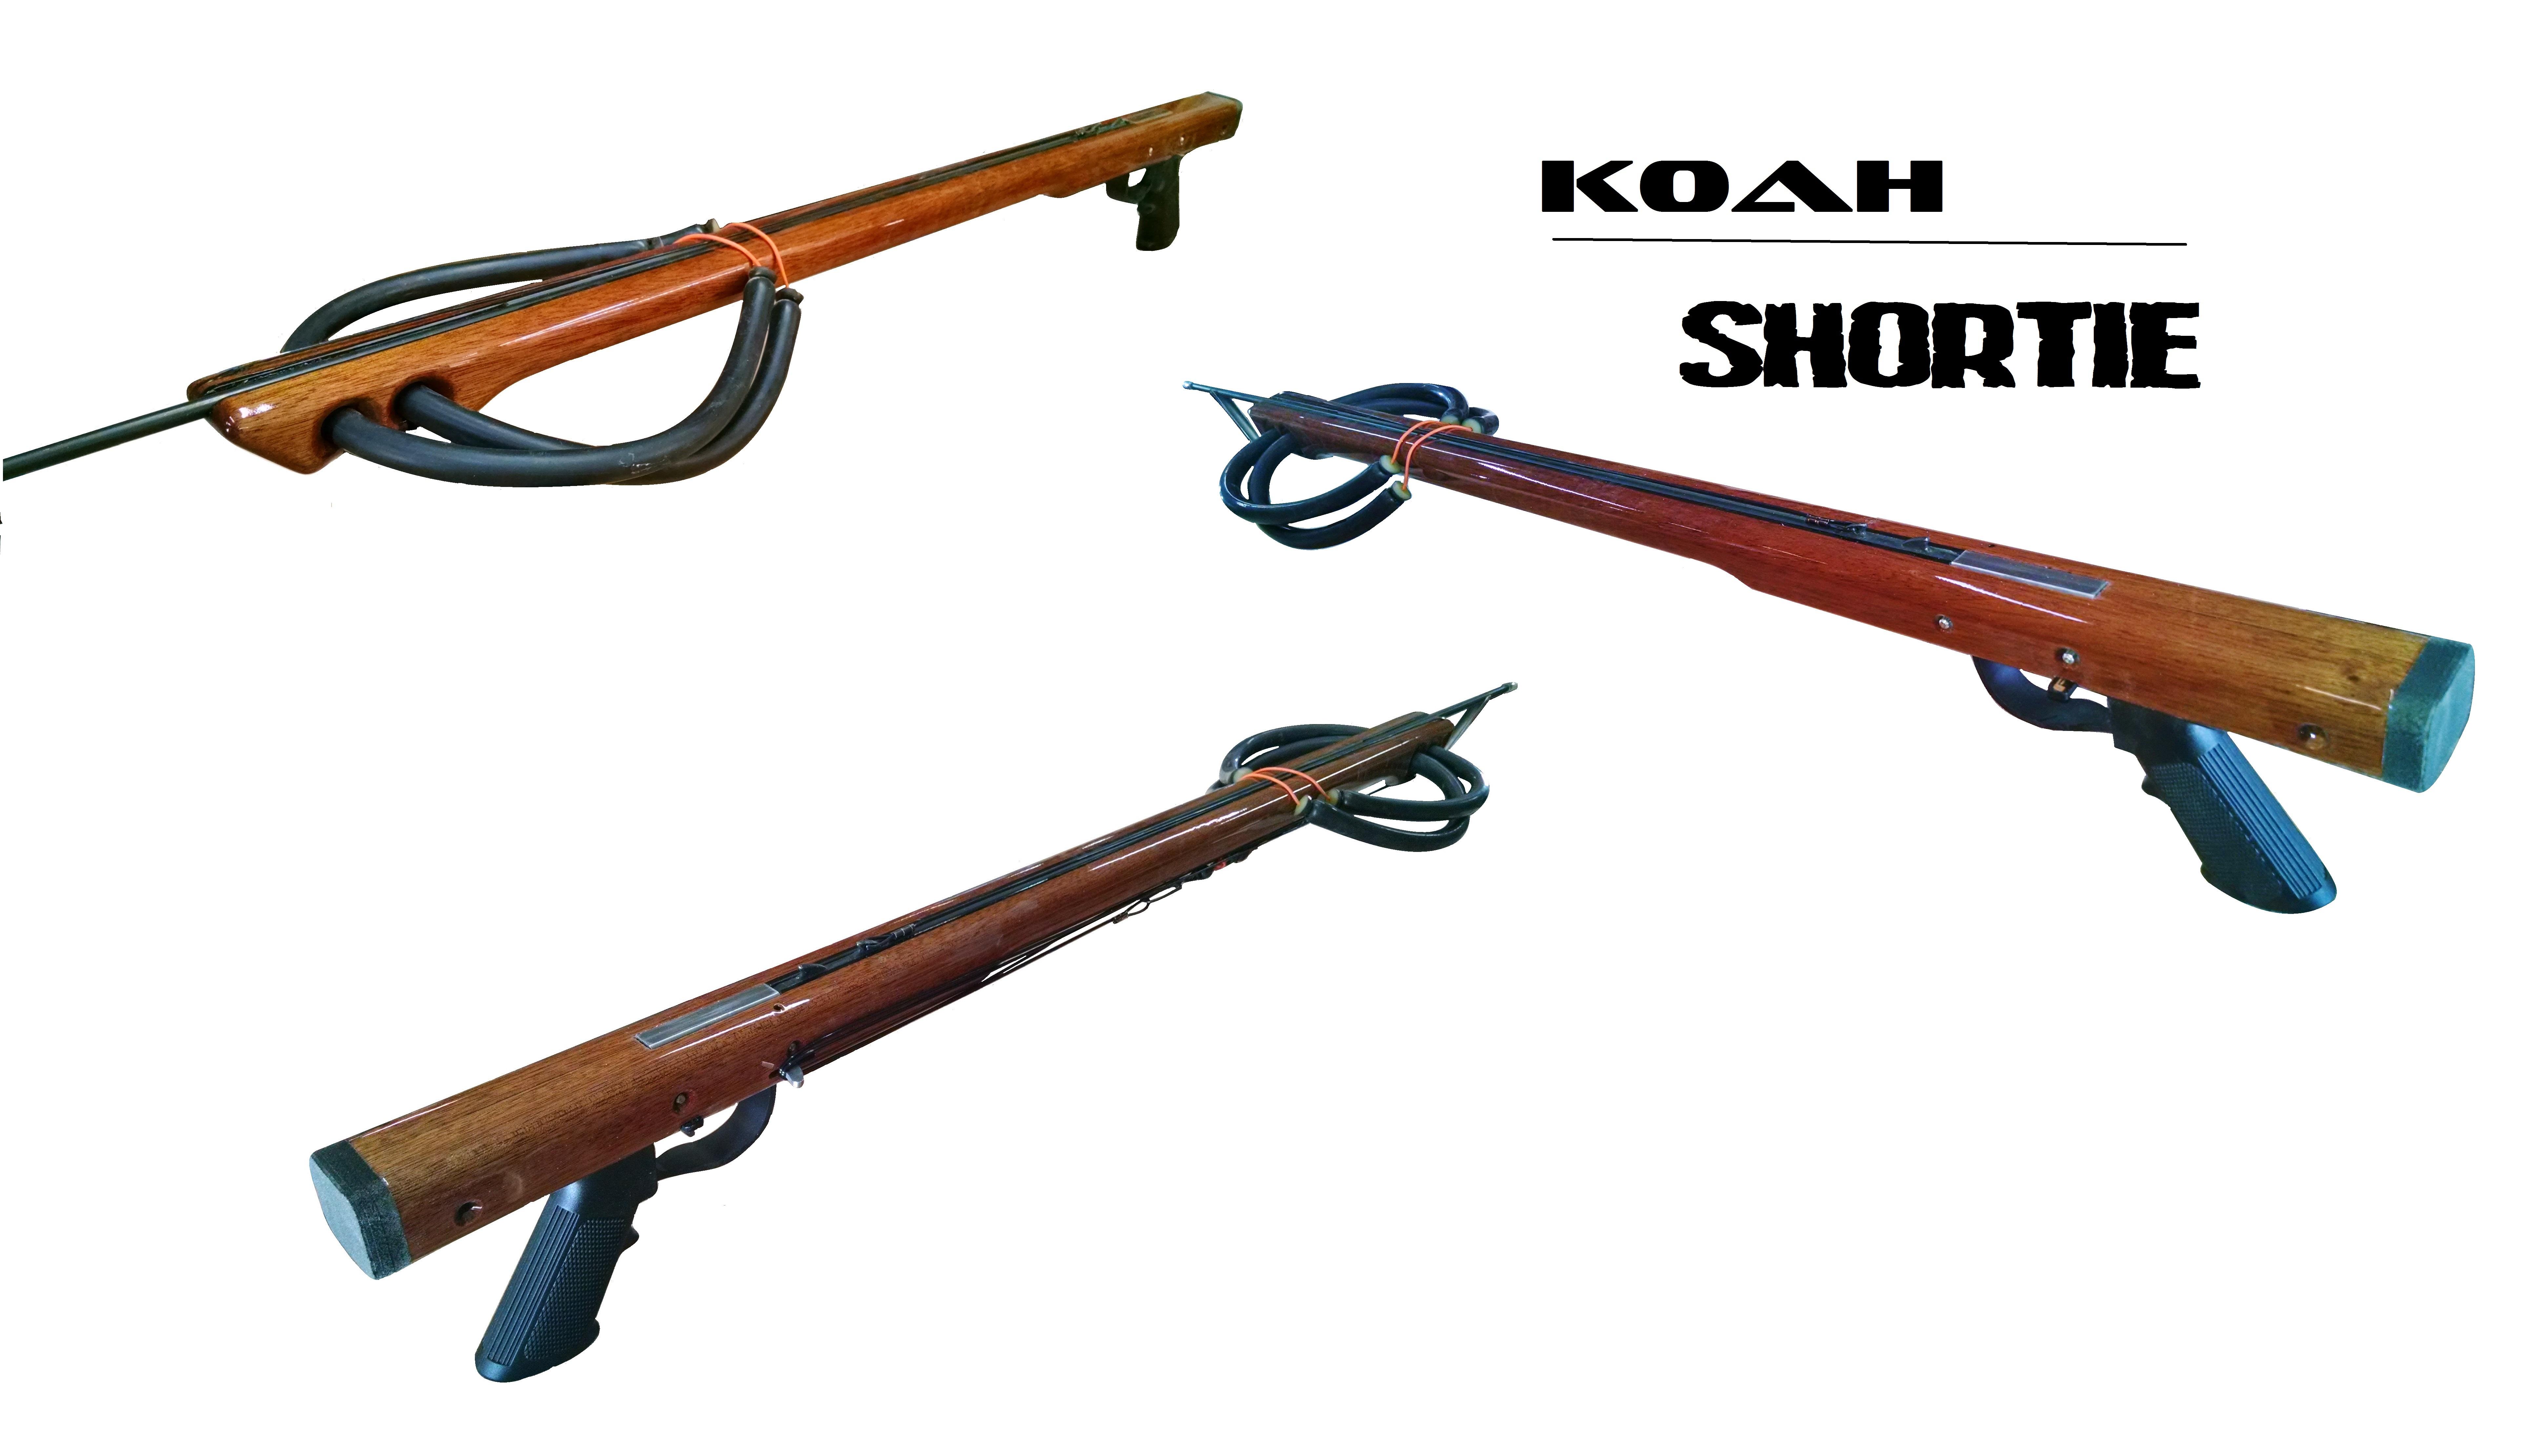 Koah Shortie Gun